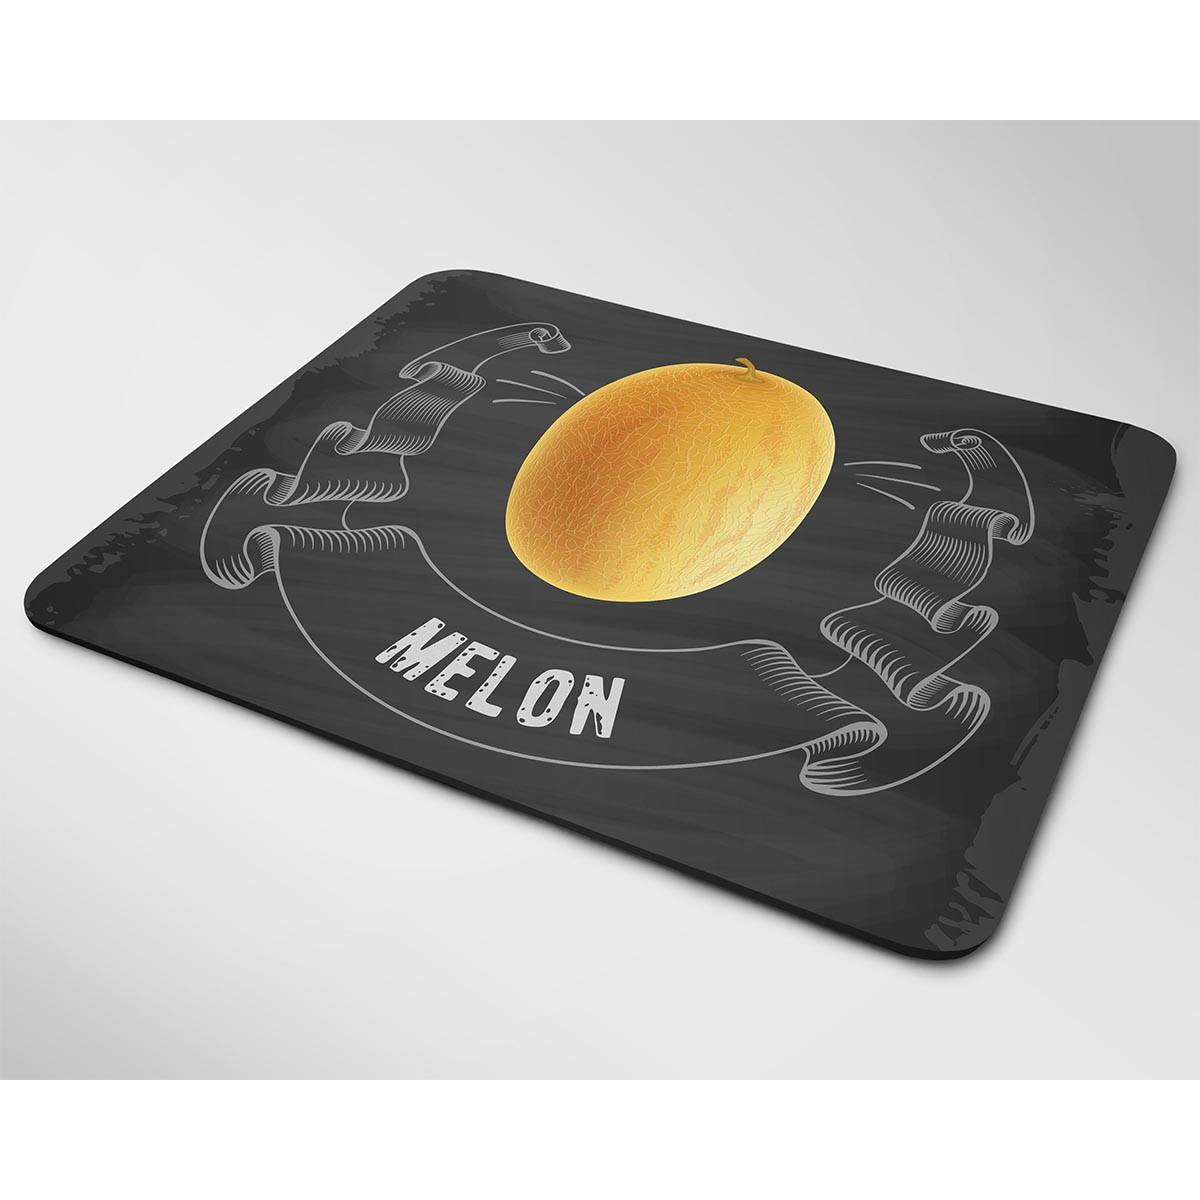 Miếng lót chuột mẫu Melon